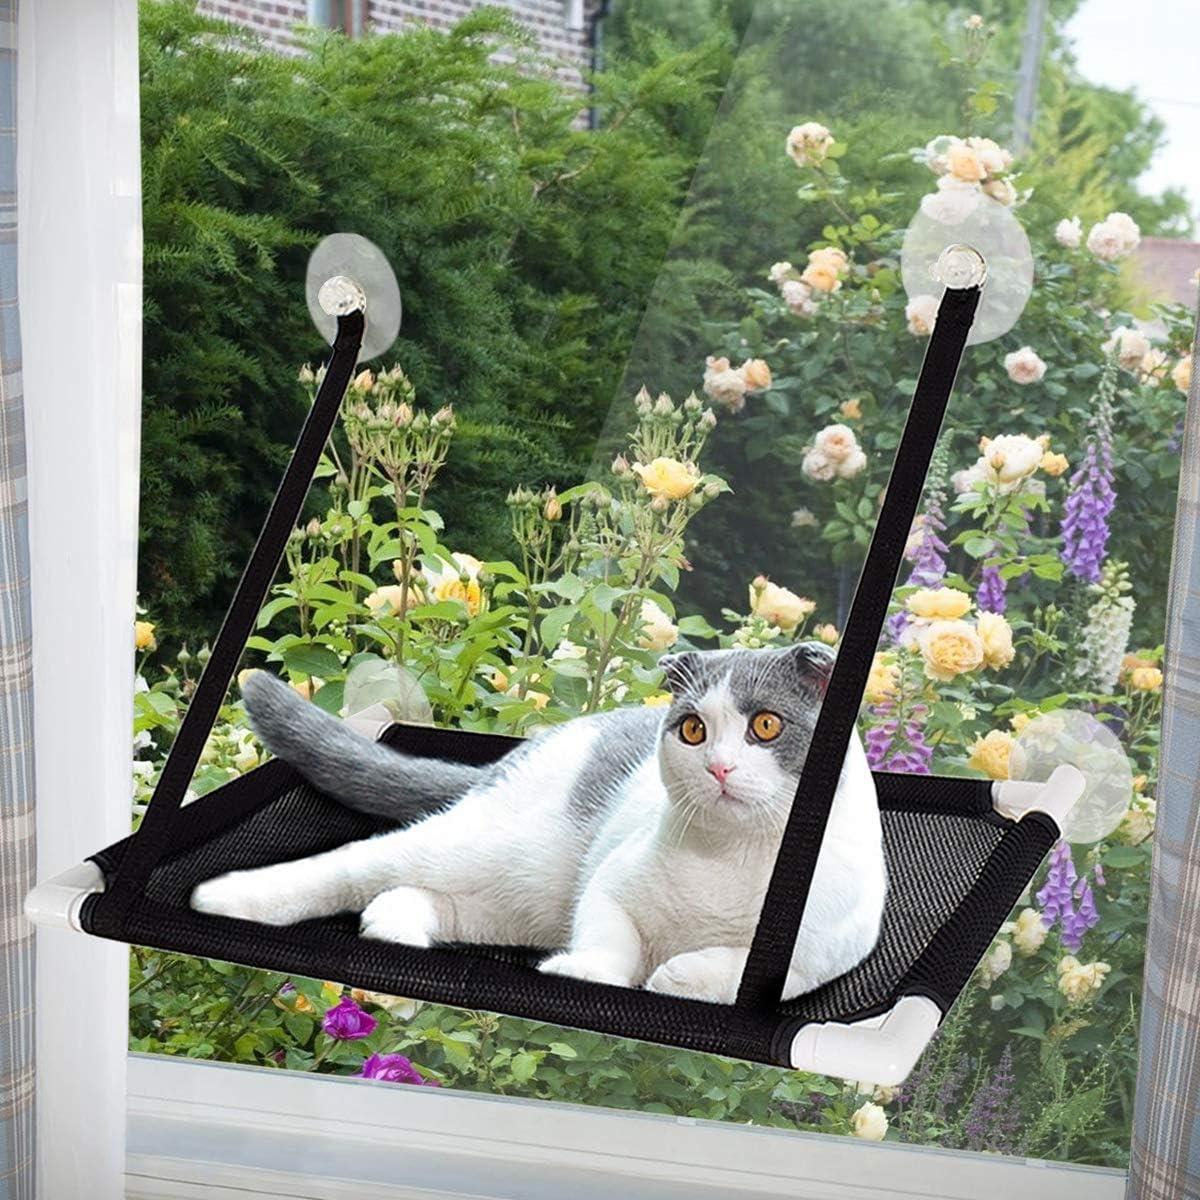 Afufu Ventana de Gato Cama de Hamaca, Cama Hamaca para Gato Estantes de Seguridad para Asientos de Descanso para Mascotas, Grandes para Tomar la Siesta y Tomar el Sol (Soportar hasta 10kg)